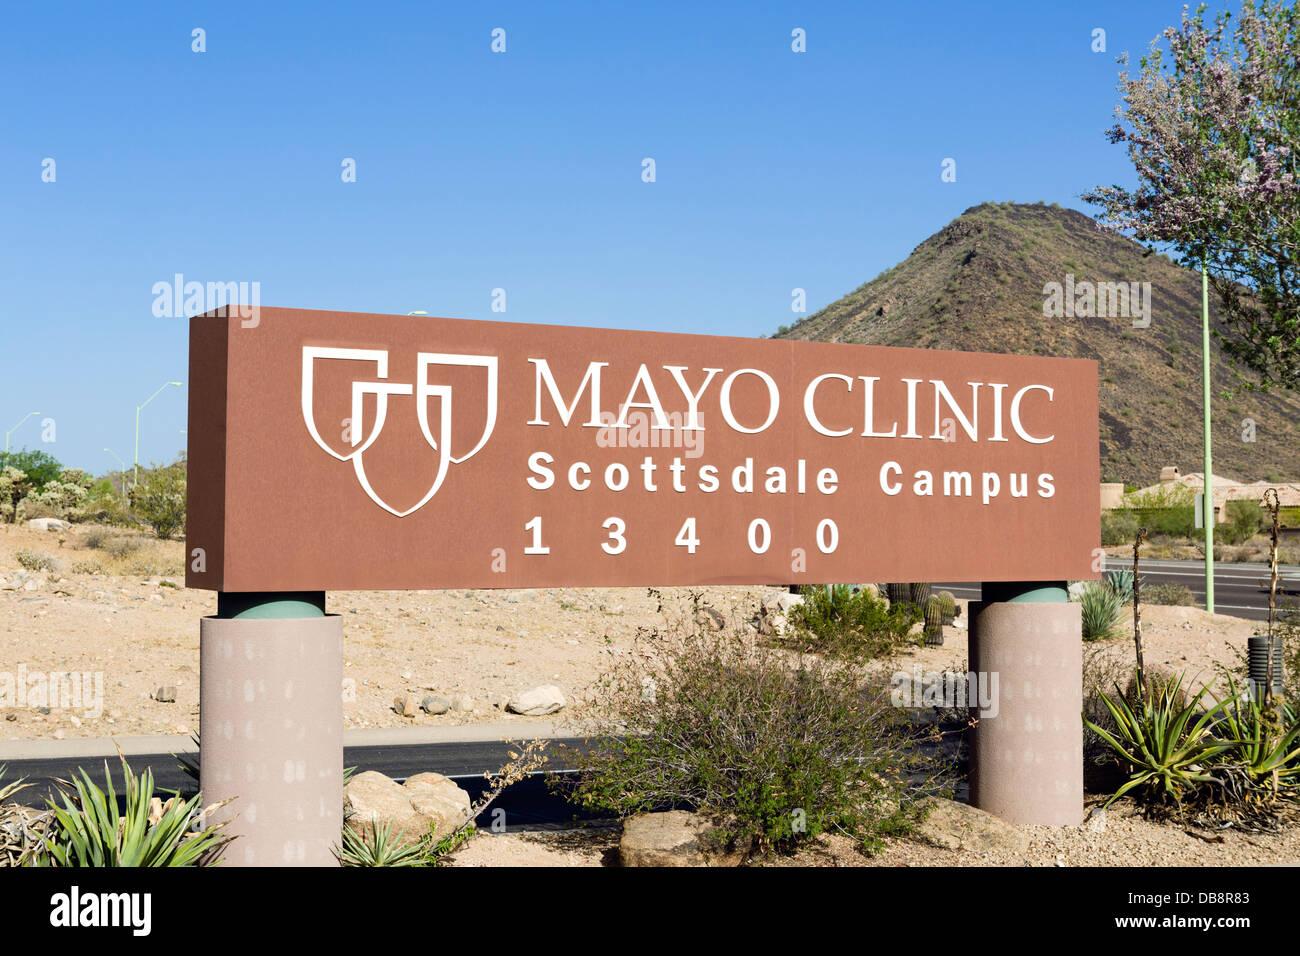 Sign outside the Mayo Clinic, Scottsdale, Arizona, USA - Stock Image